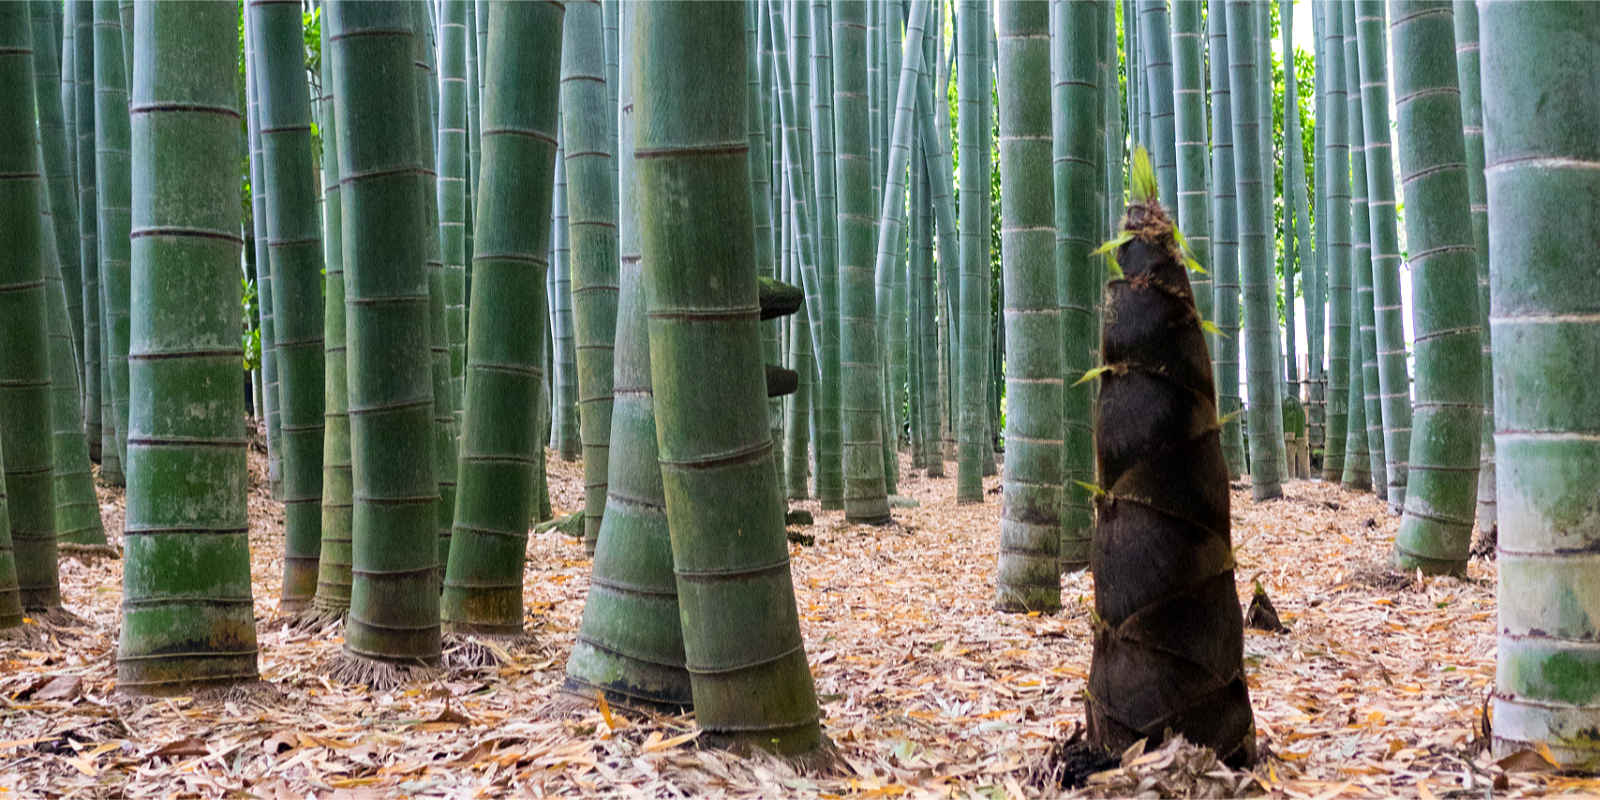 Junger Bambustrieb mit gleichem Durchmesser wie ausgewachsene Stämme.